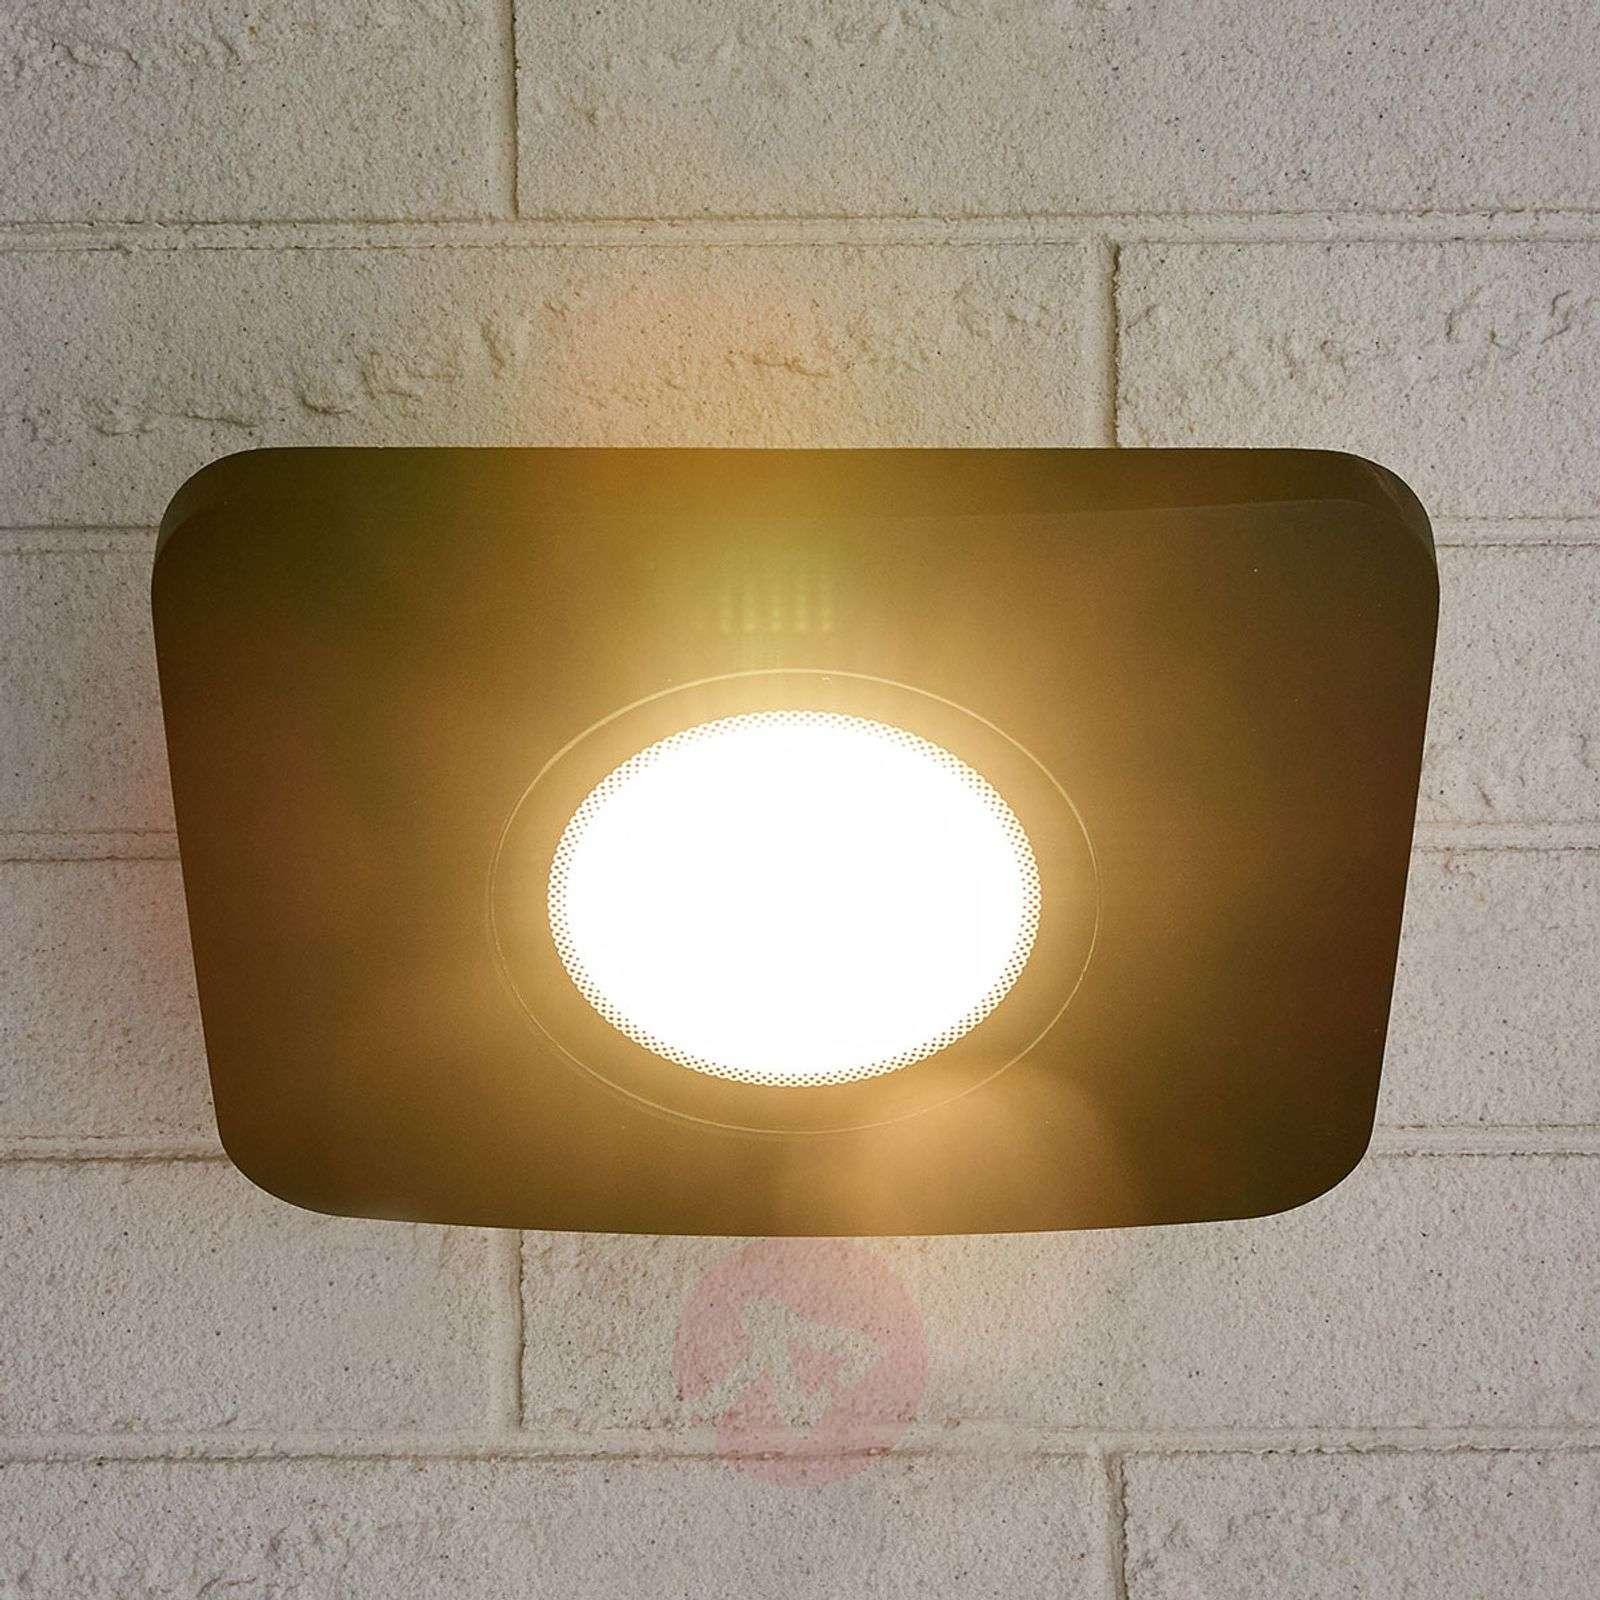 LED-ulkoseinävalaisin Duke alumiinia, 50 W-9941006-02